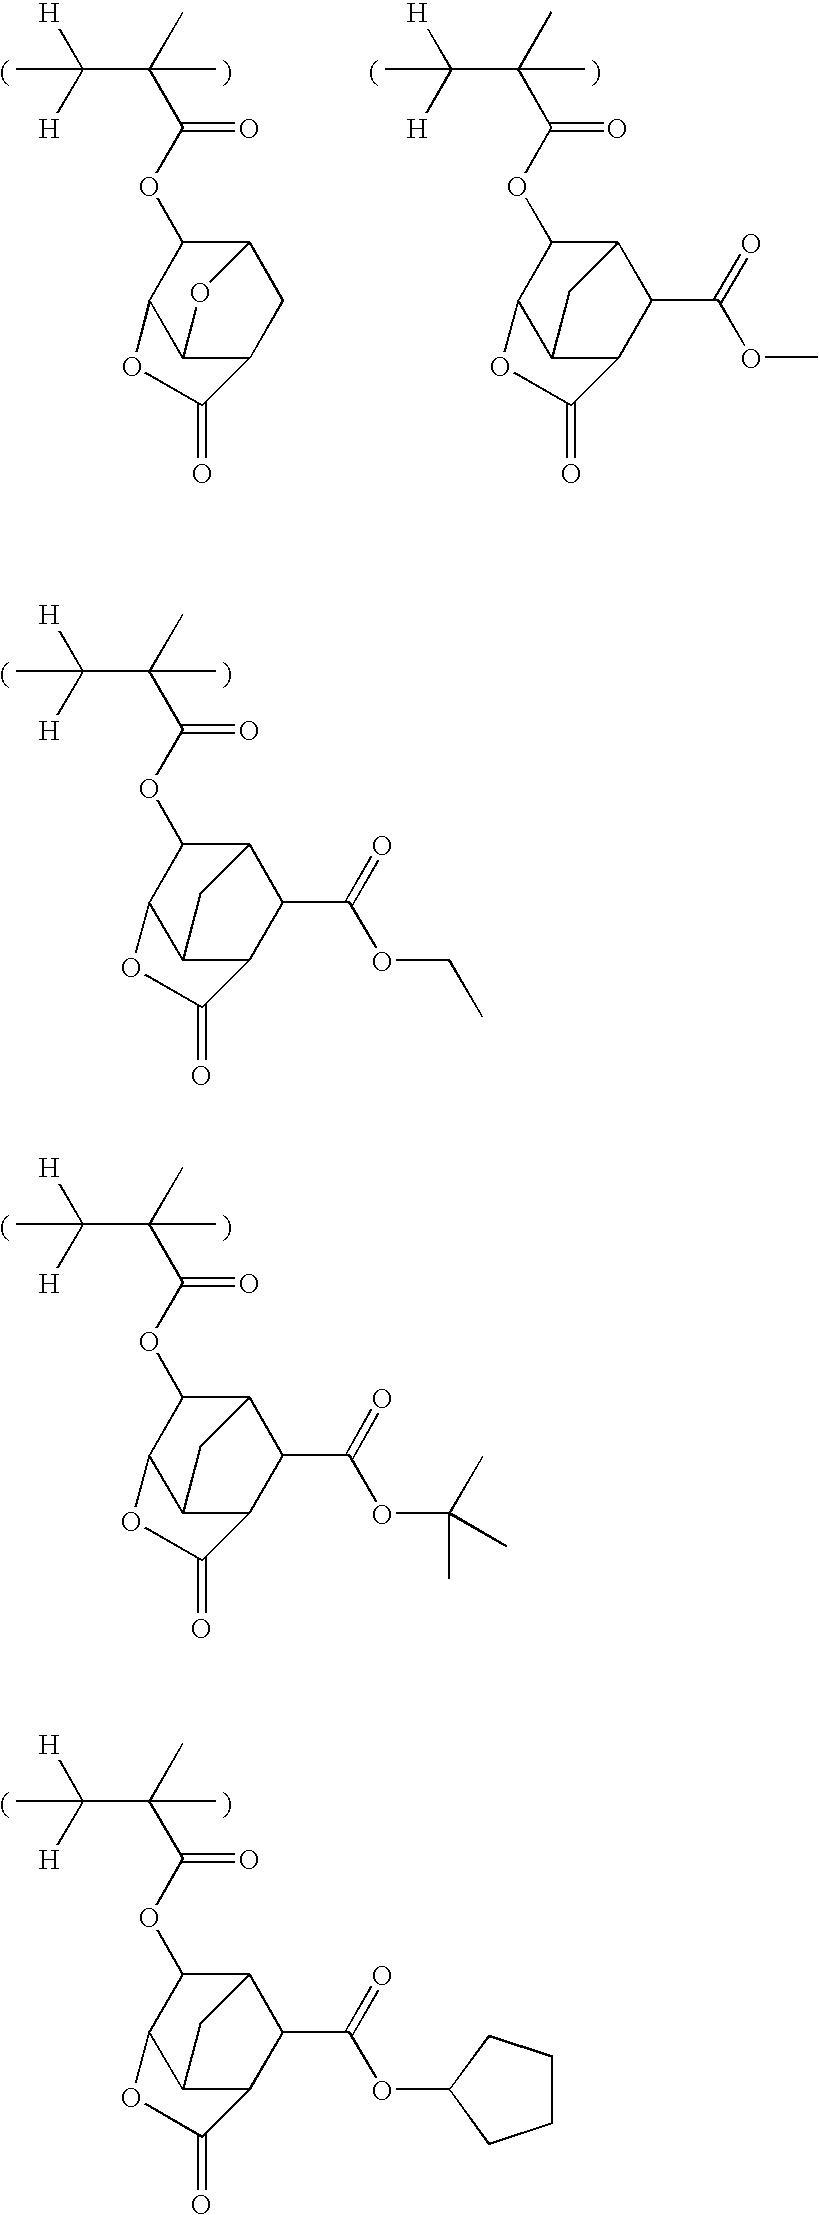 Figure US07687222-20100330-C00048